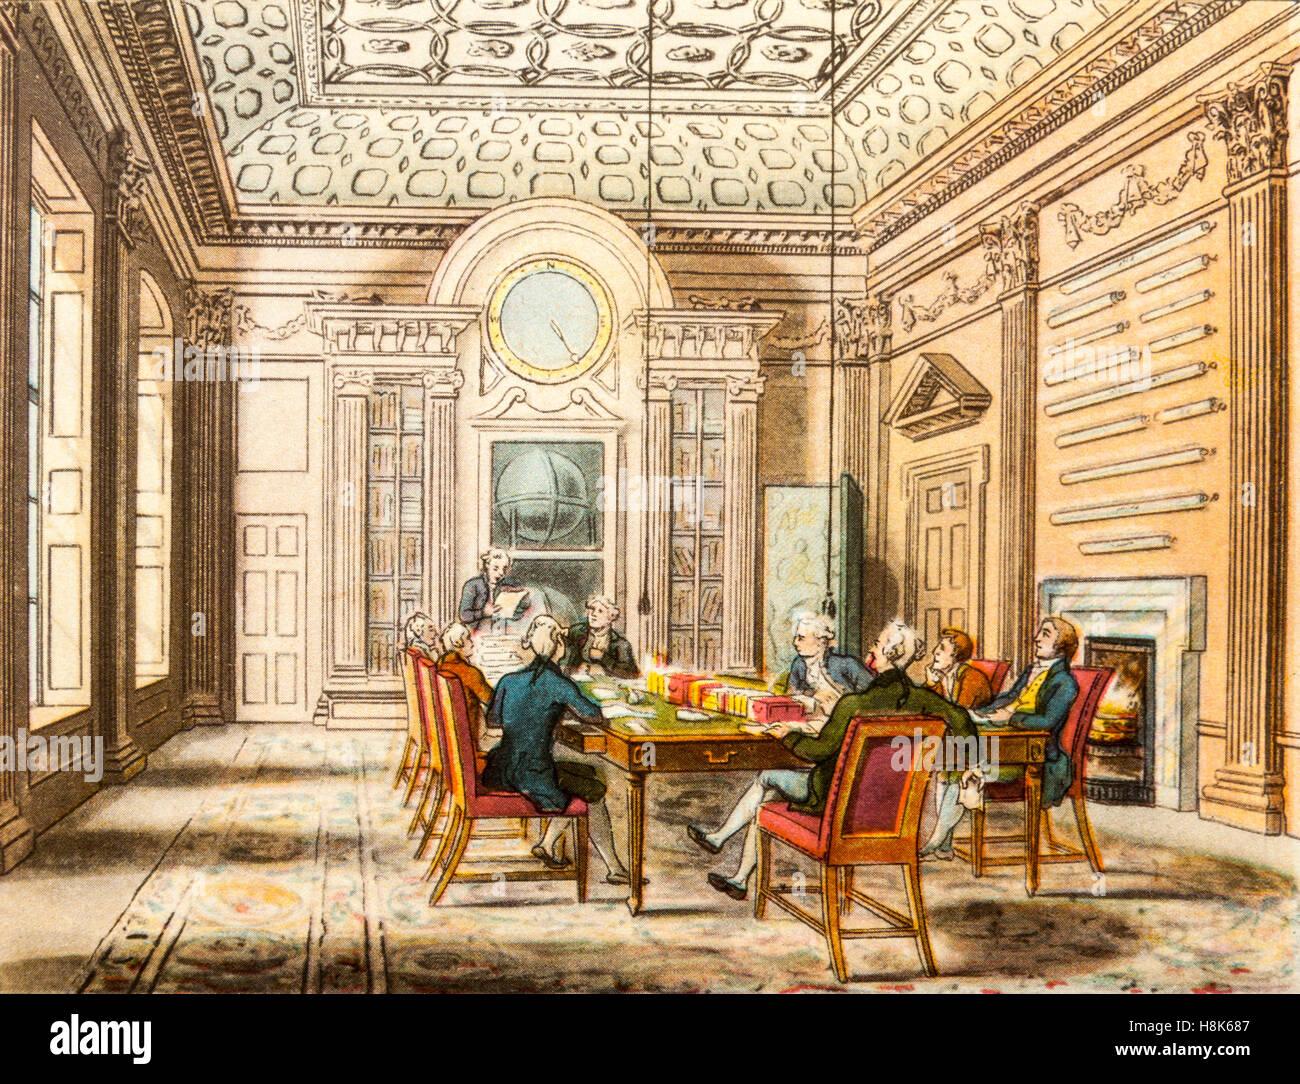 La sala riunioni dell'Admiralty in Georgian times (1714-1830), un colore incisione da 'Il microcosmo di Immagini Stock